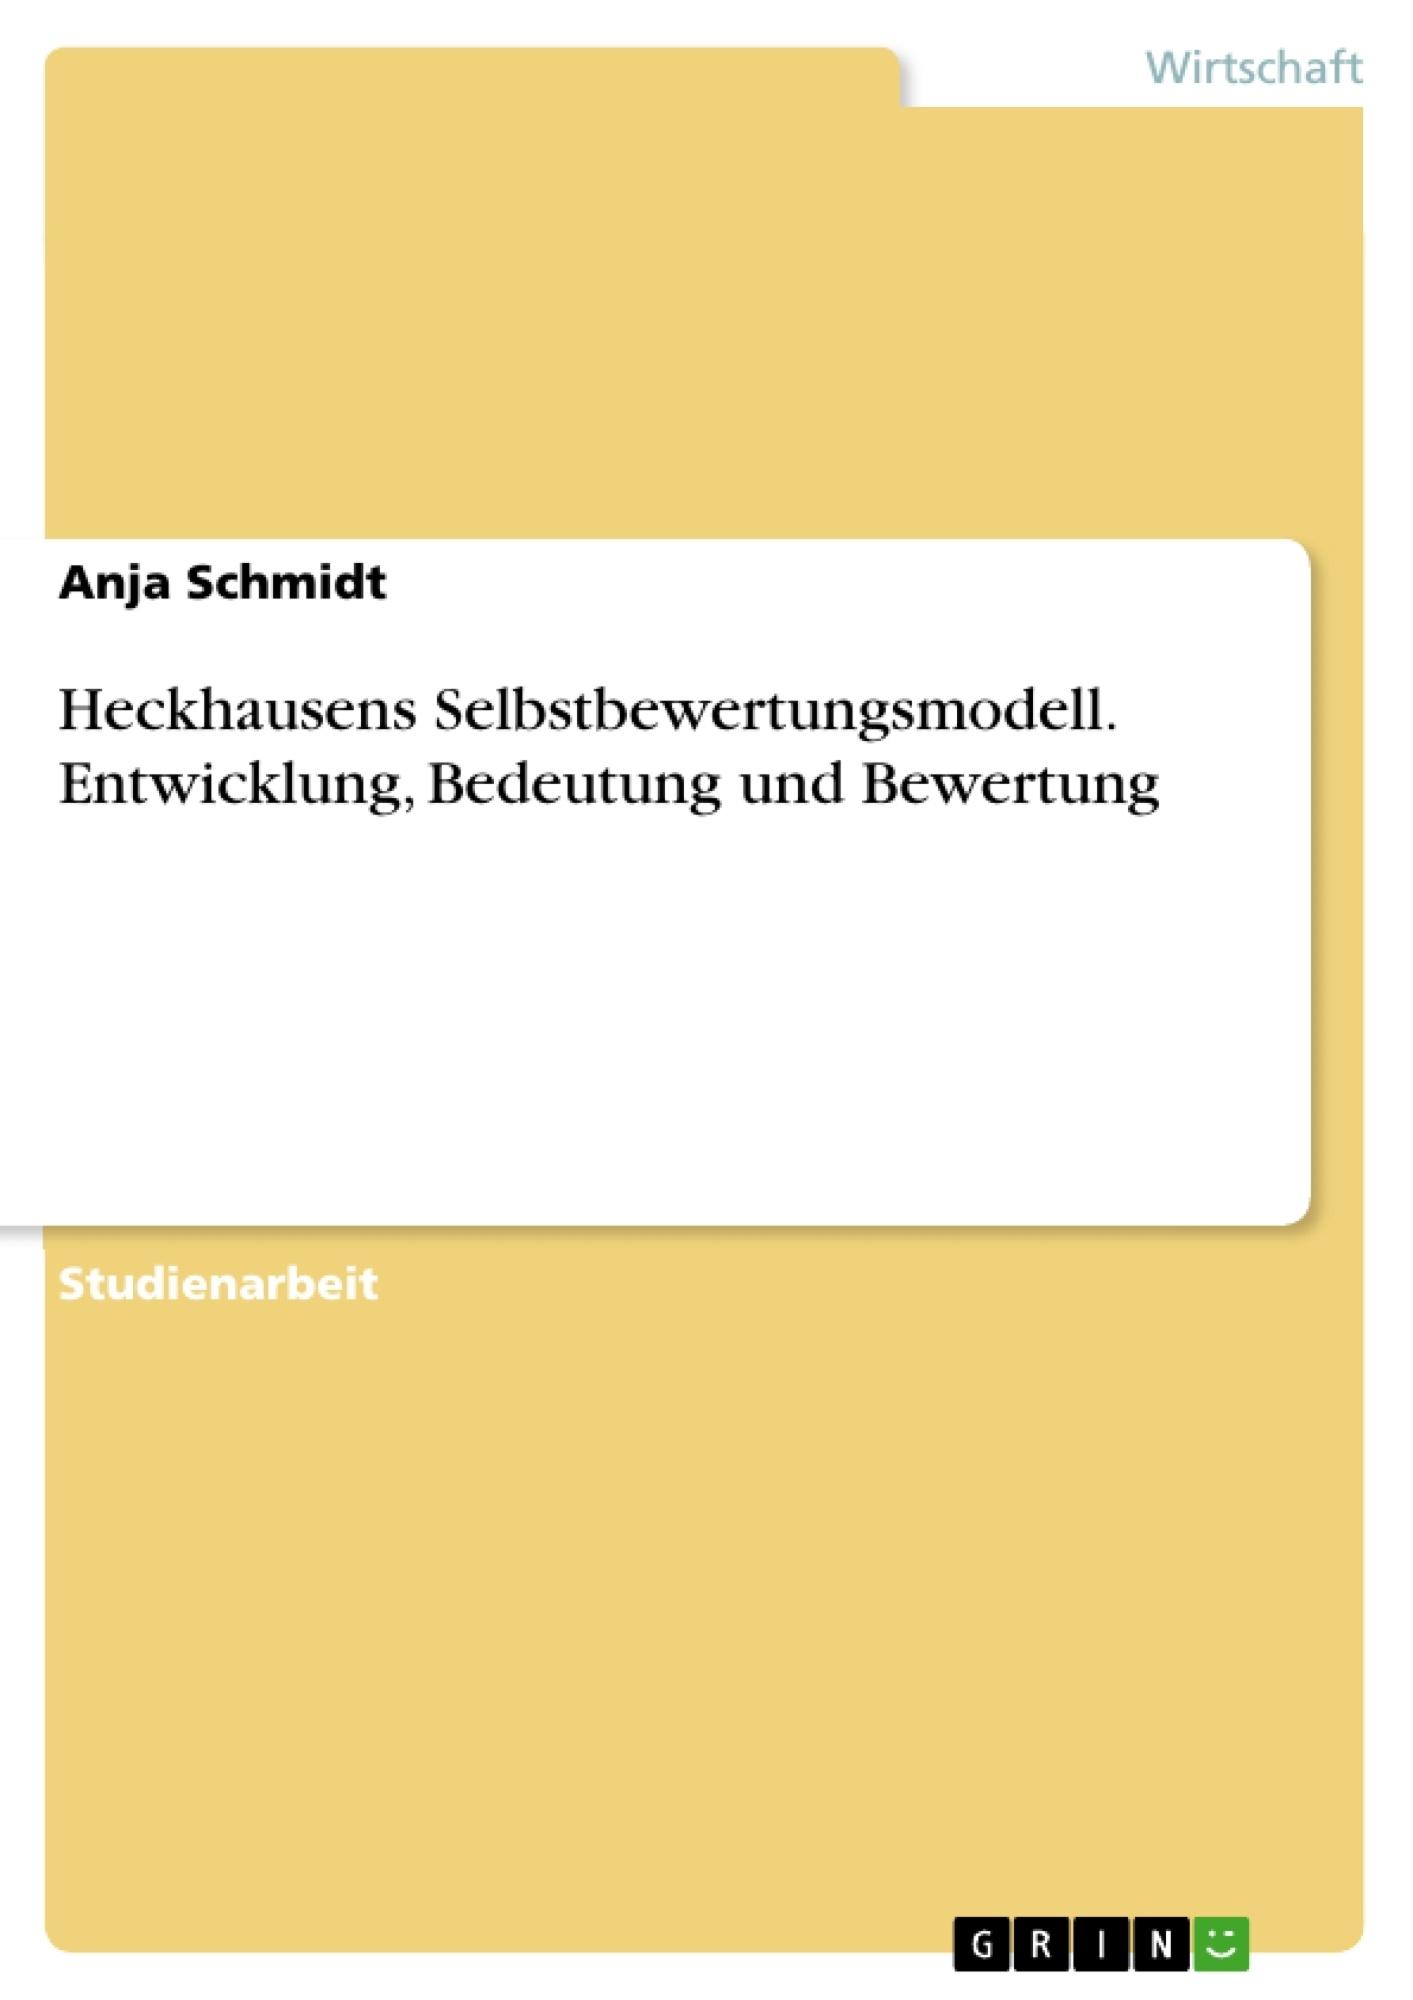 Titel: Heckhausens Selbstbewertungsmodell. Entwicklung, Bedeutung und Bewertung